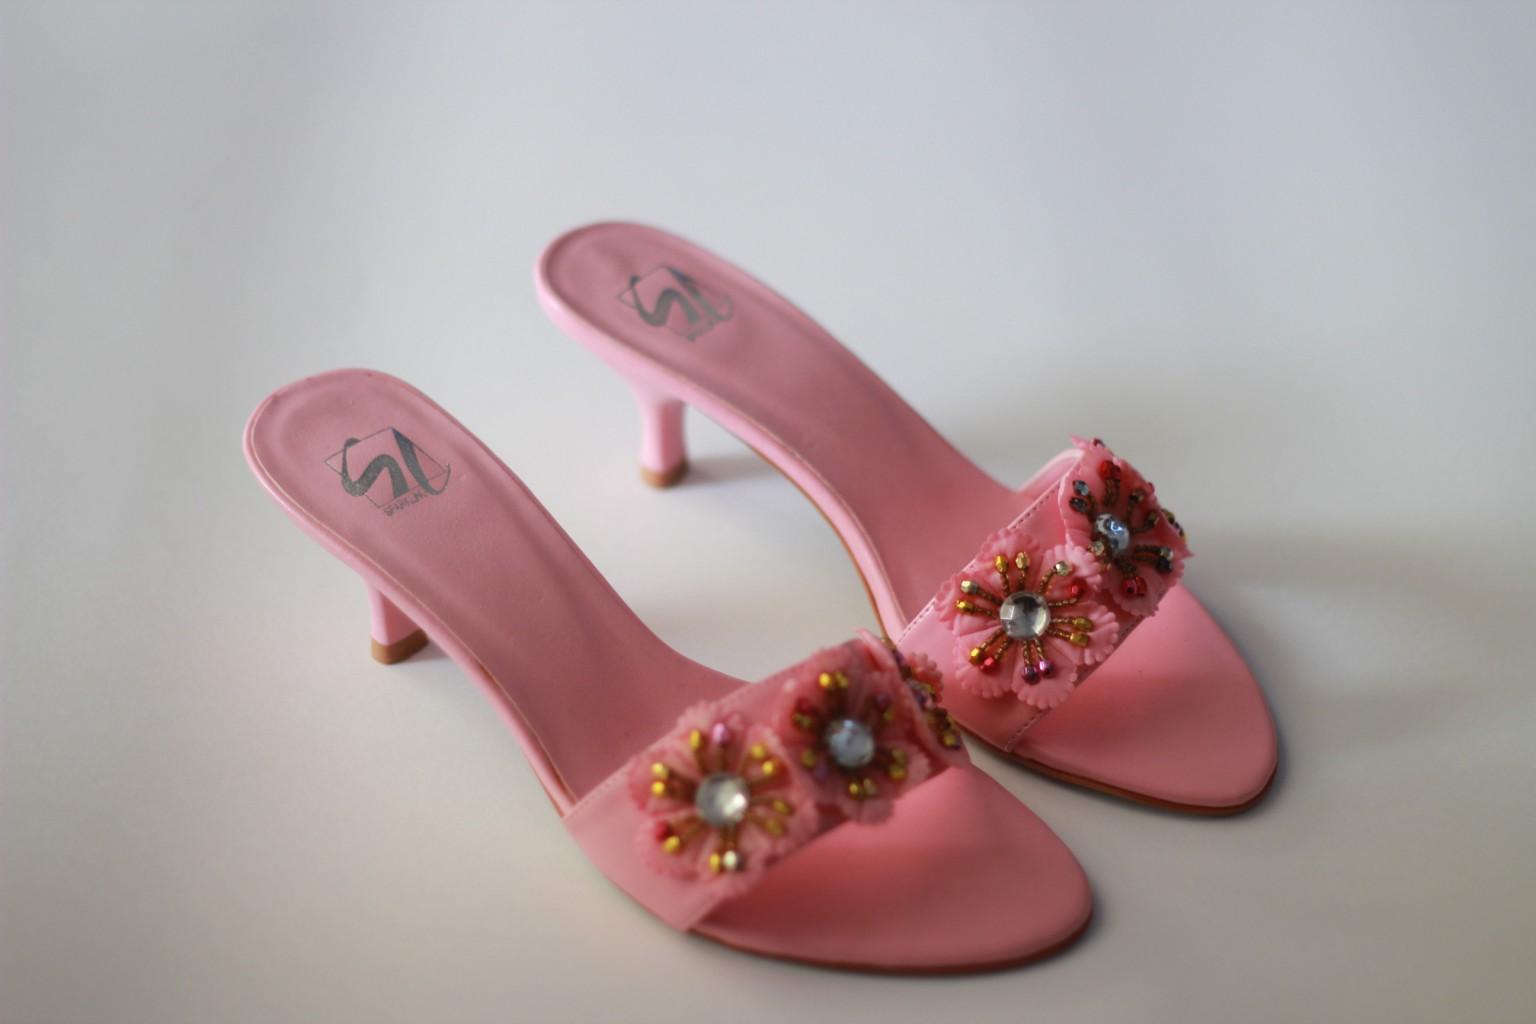 Сбор заказов. Большой выбор обуви со скидкой 60-80 %. Много моделей из натуральной кожи, замши, меха! Туфли, сапоги, ботильоны, ботинки.